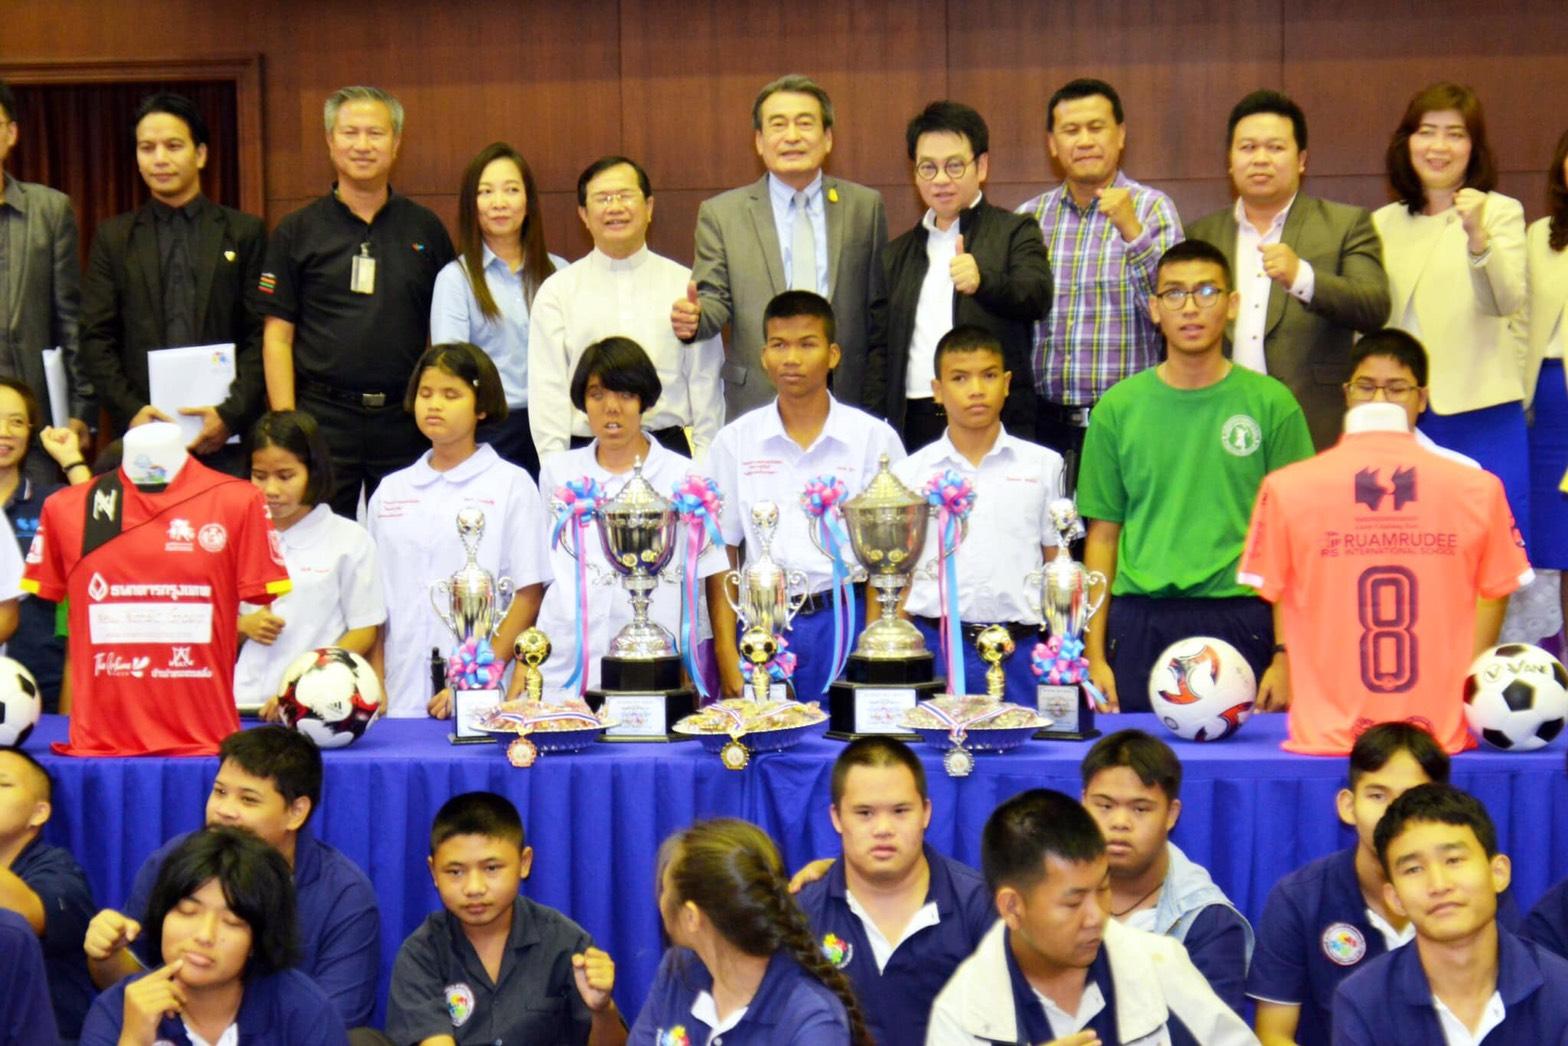 งานแถลงข่าวฟุตบอลเด็กเพื่ออนาคต ครั้งที่ 8